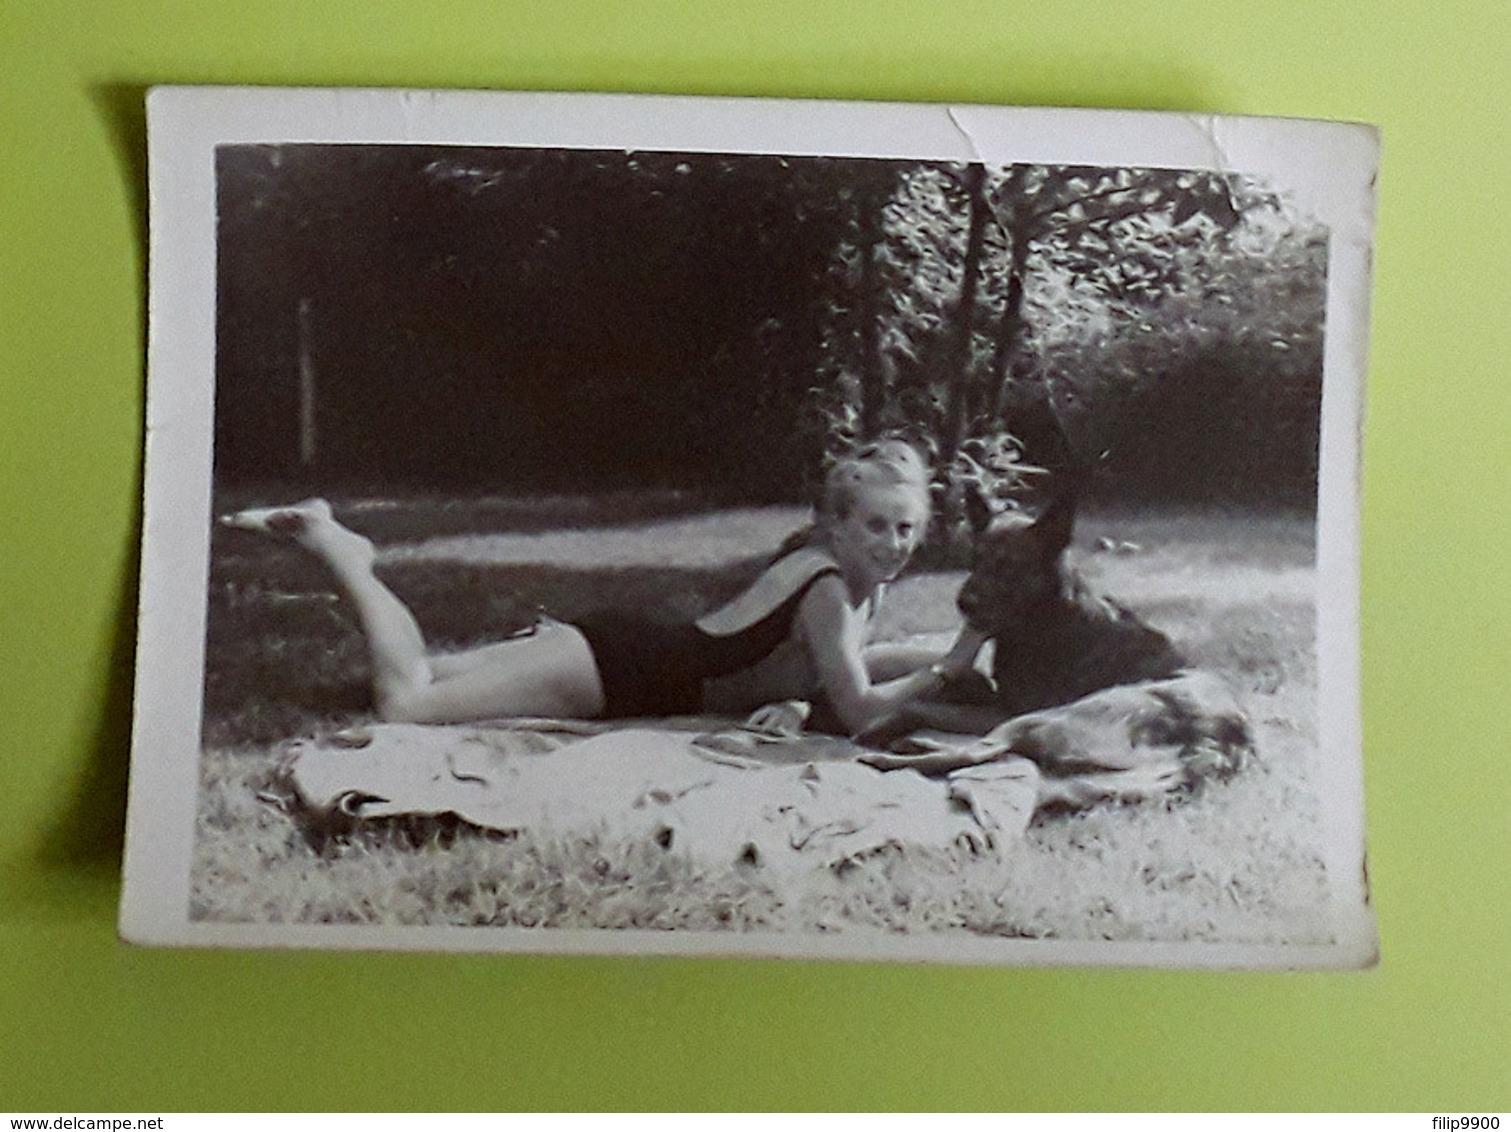 Foto/Photo : Vrouw In Badpak Met Hond | Femme En Maillot De Bain Avec Chien - 9x12.5cm - Personnes Anonymes